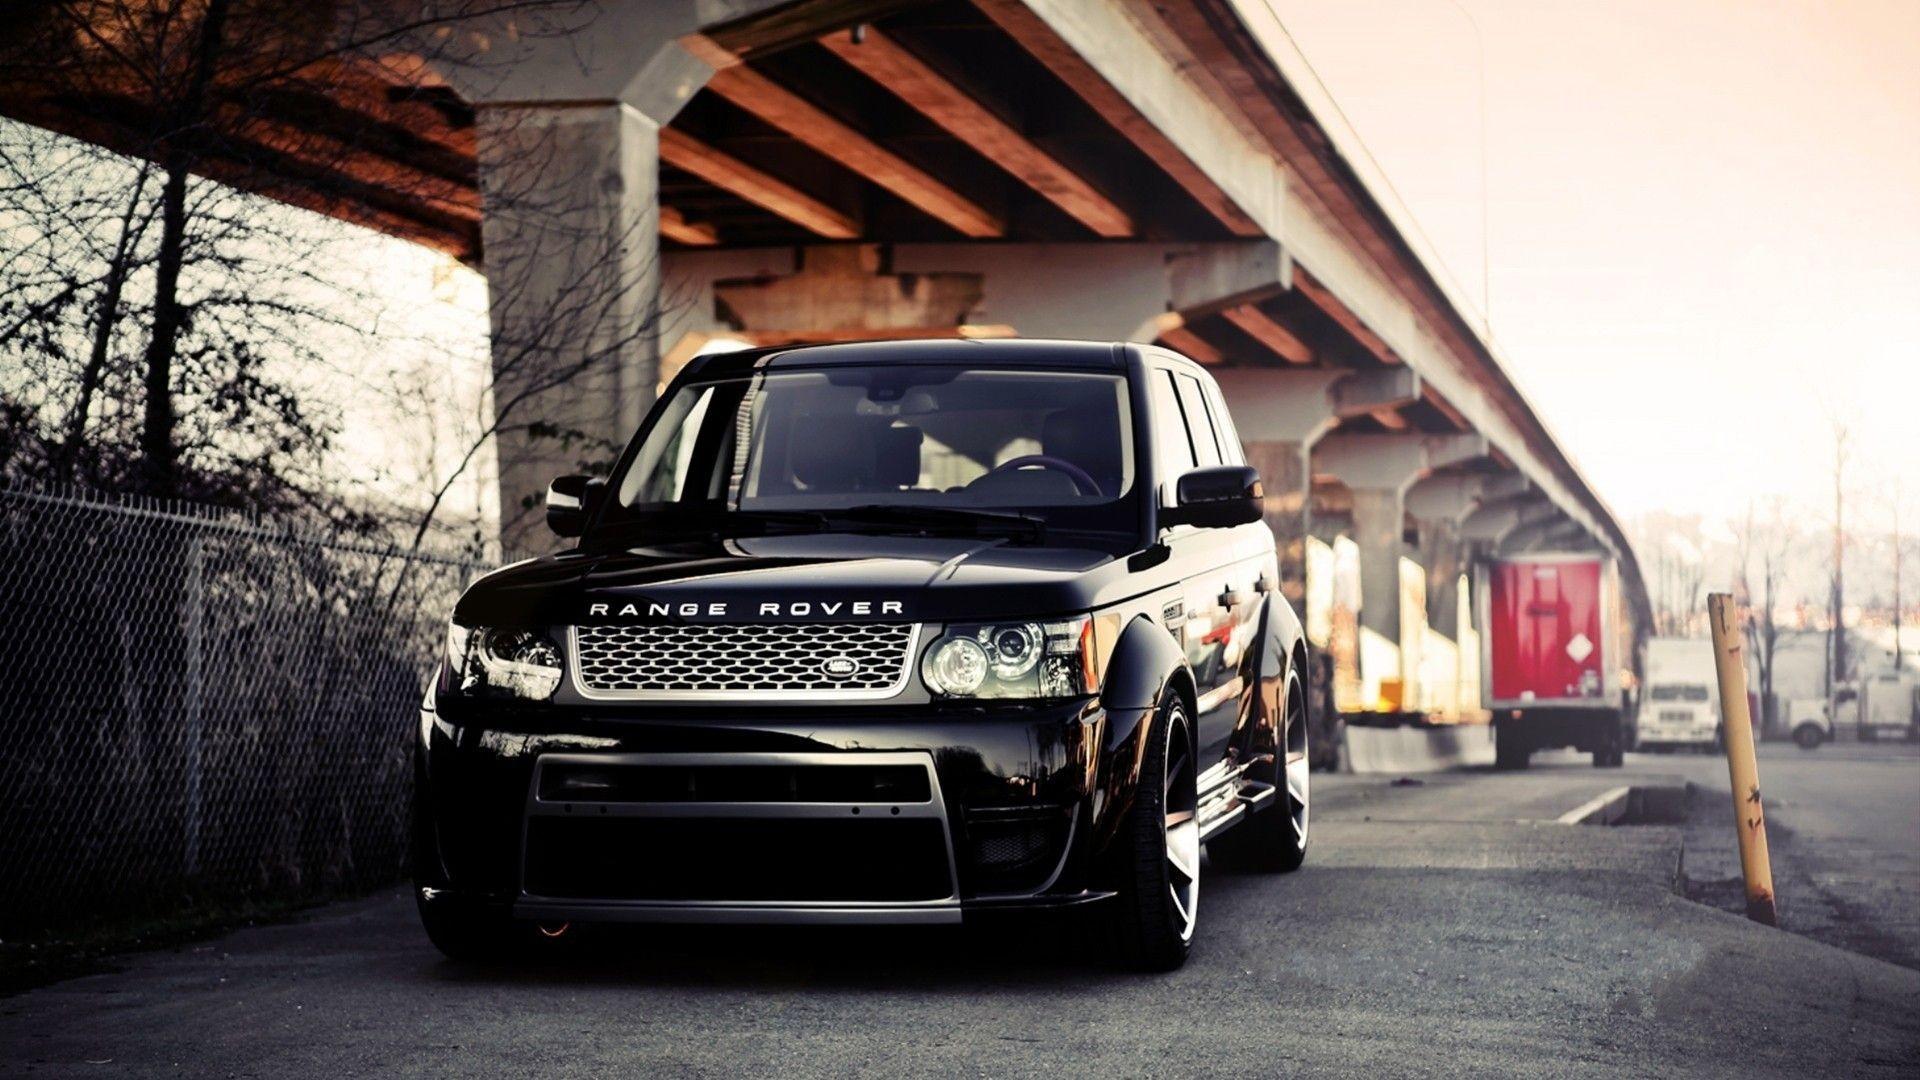 1920x1080 Range Rover Sport Wallpapers · Download · 2000x1334